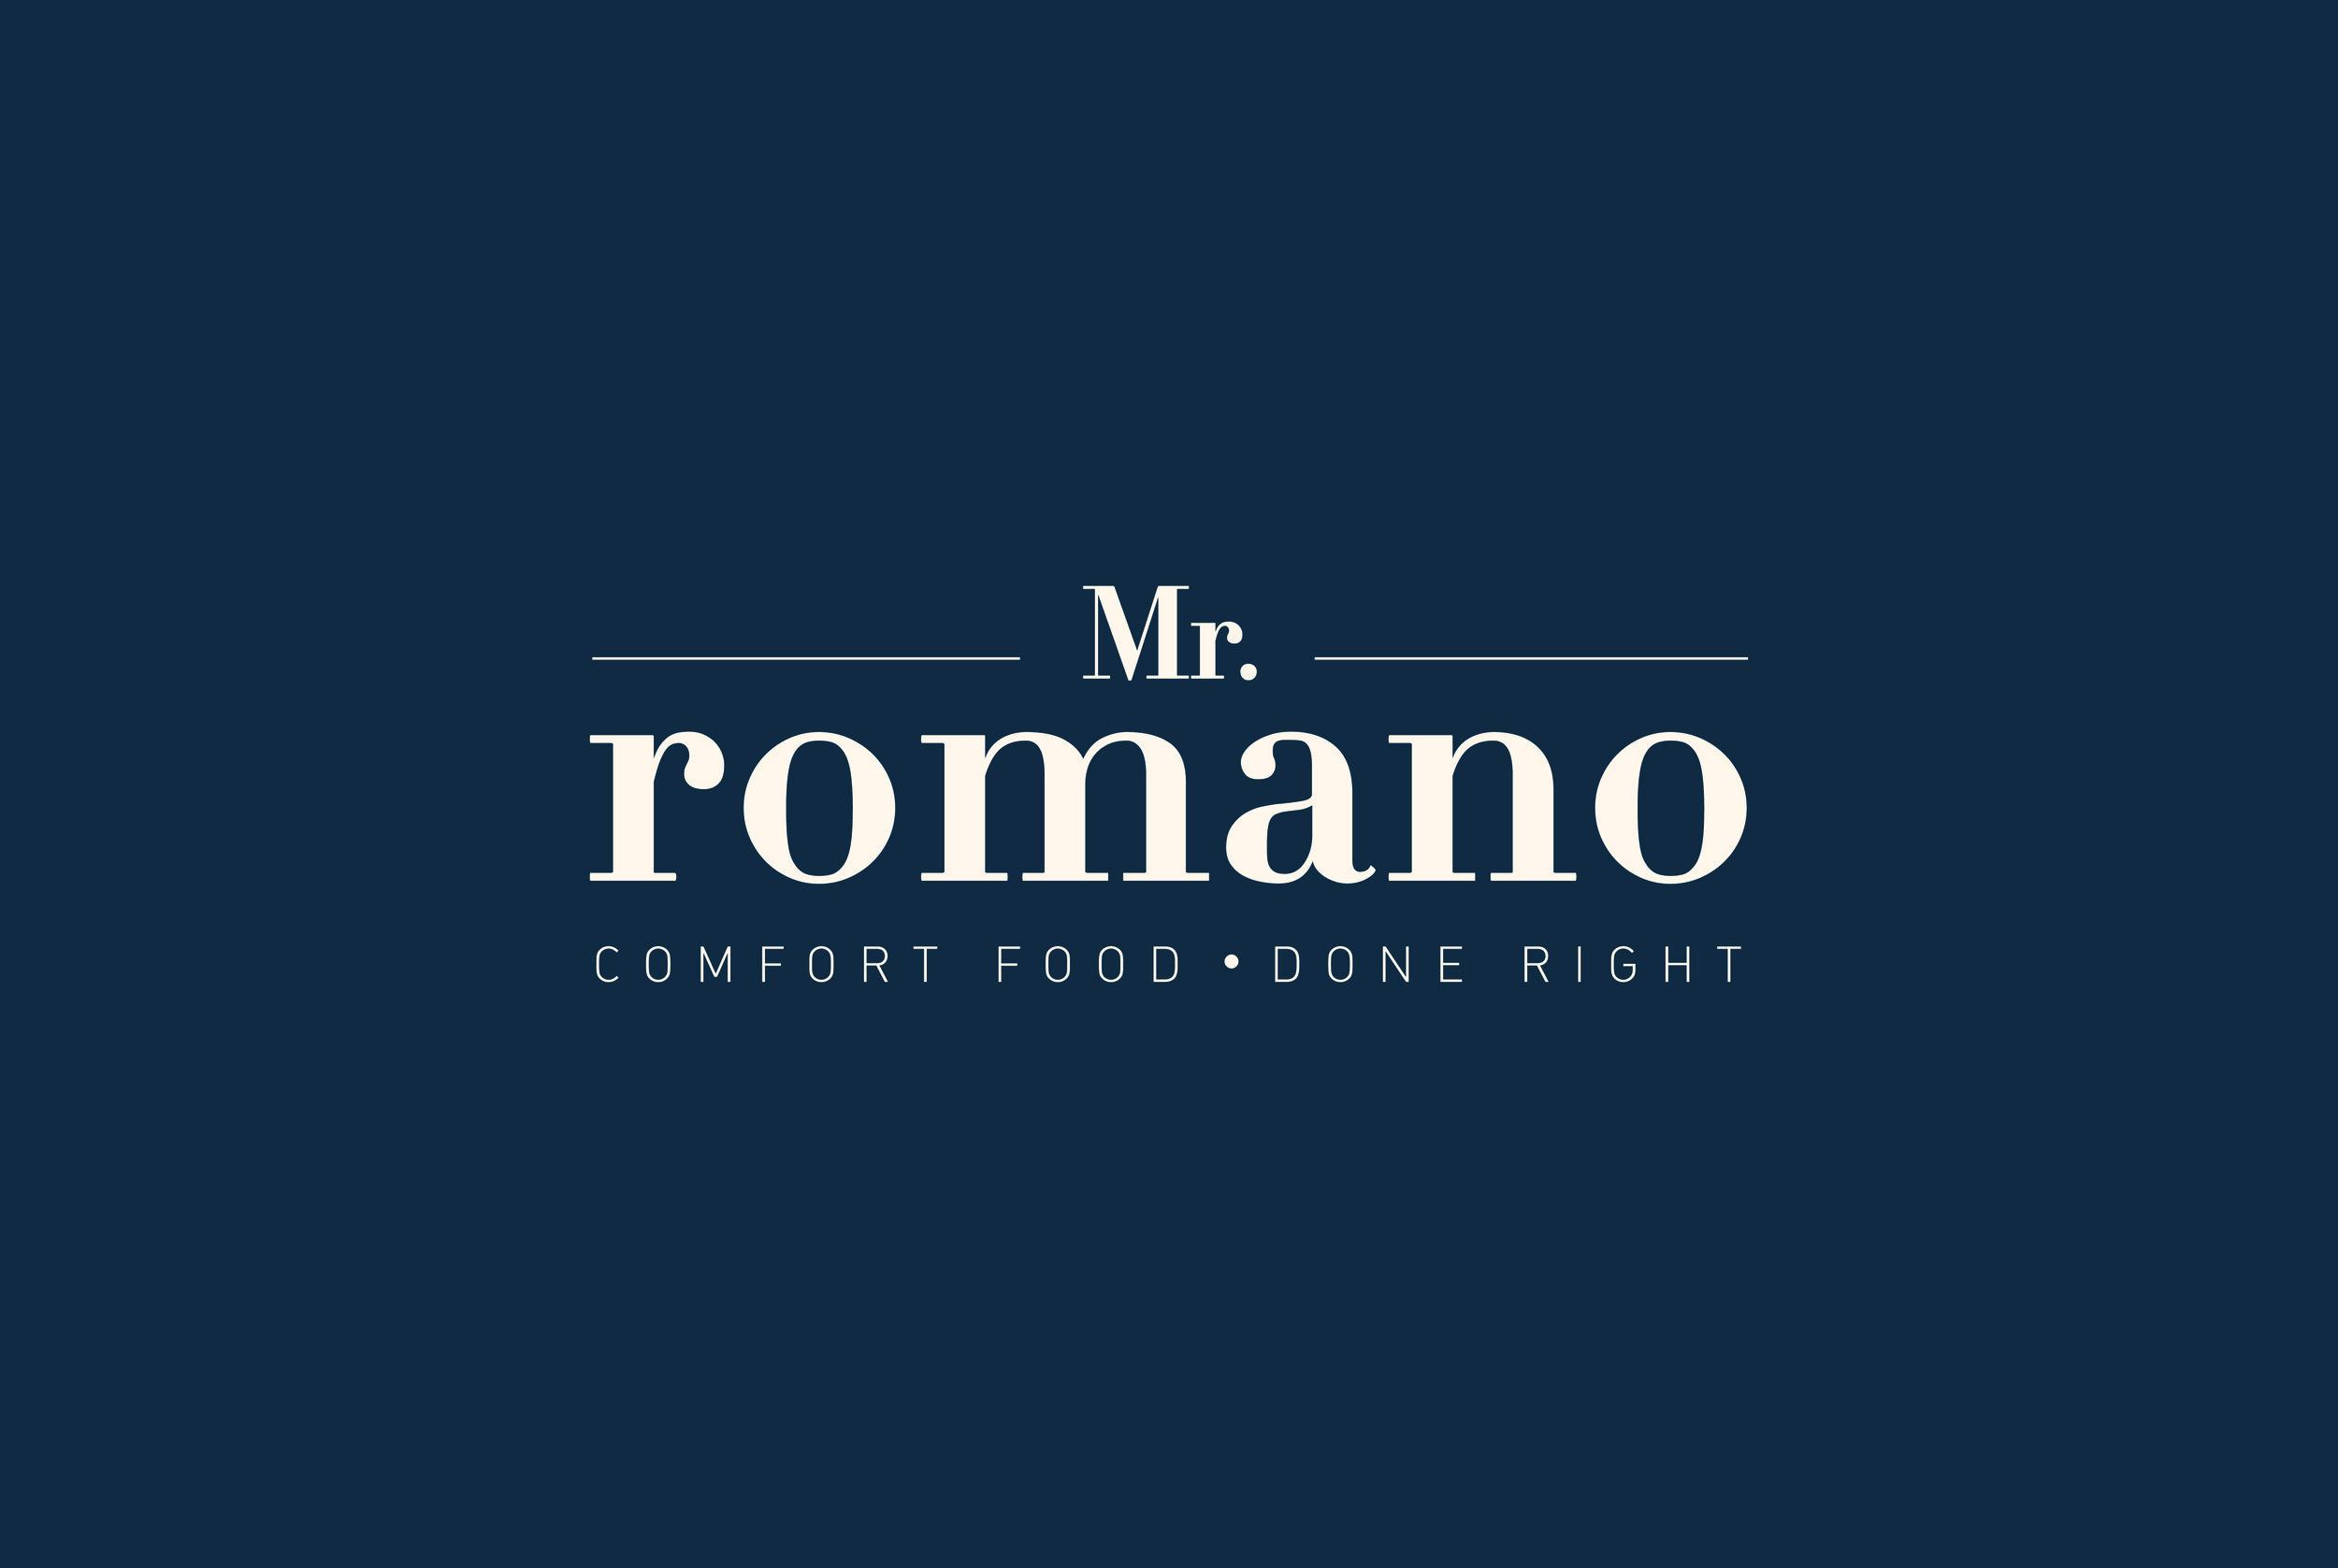 MR. ROMANO